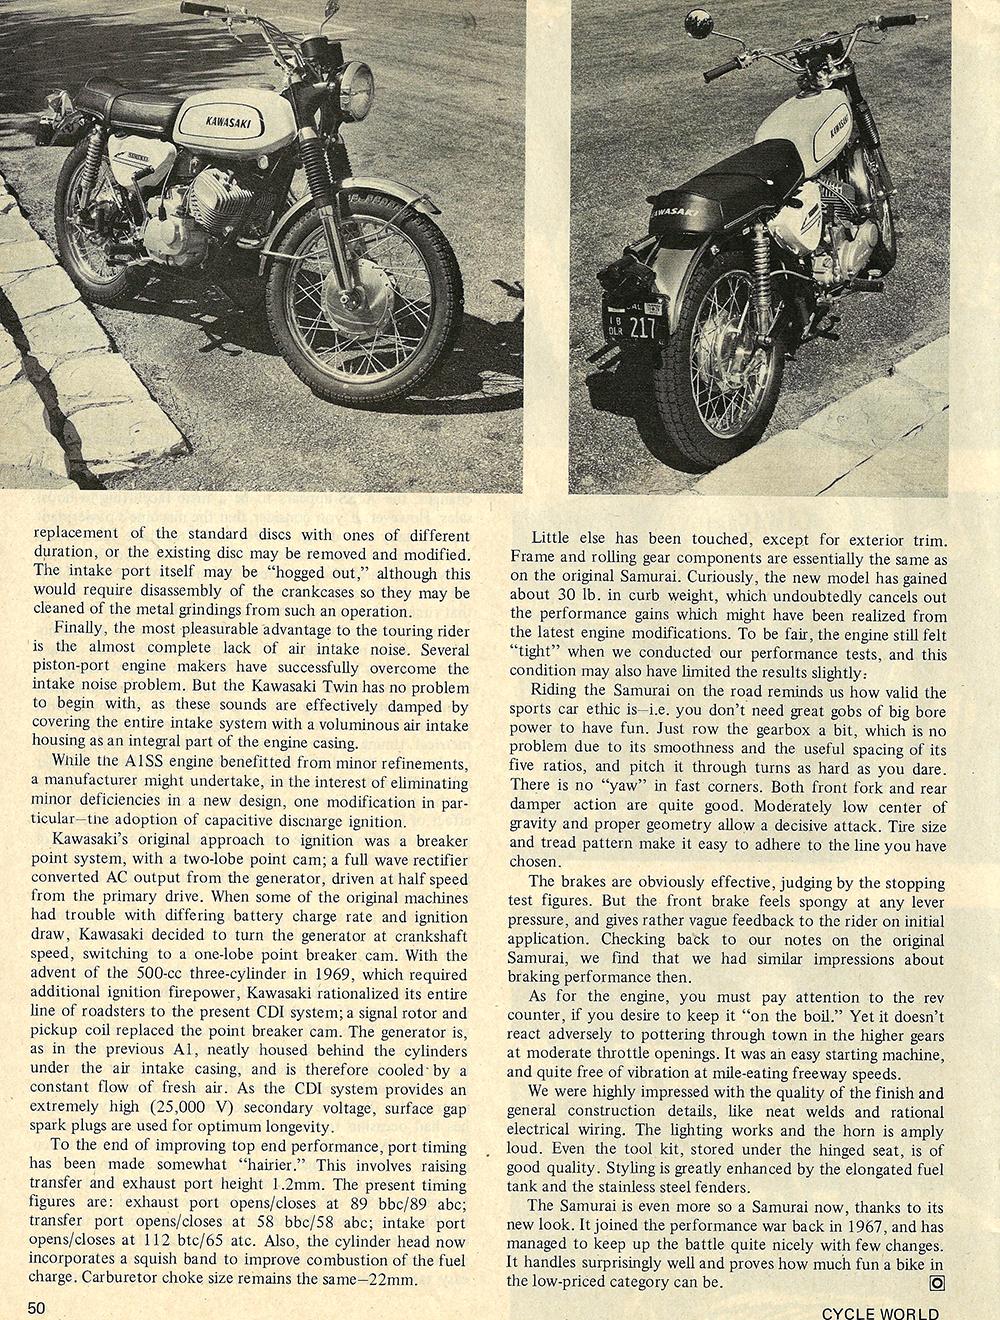 1970 Kawasaki Samurai A1SS road test 03.jpg